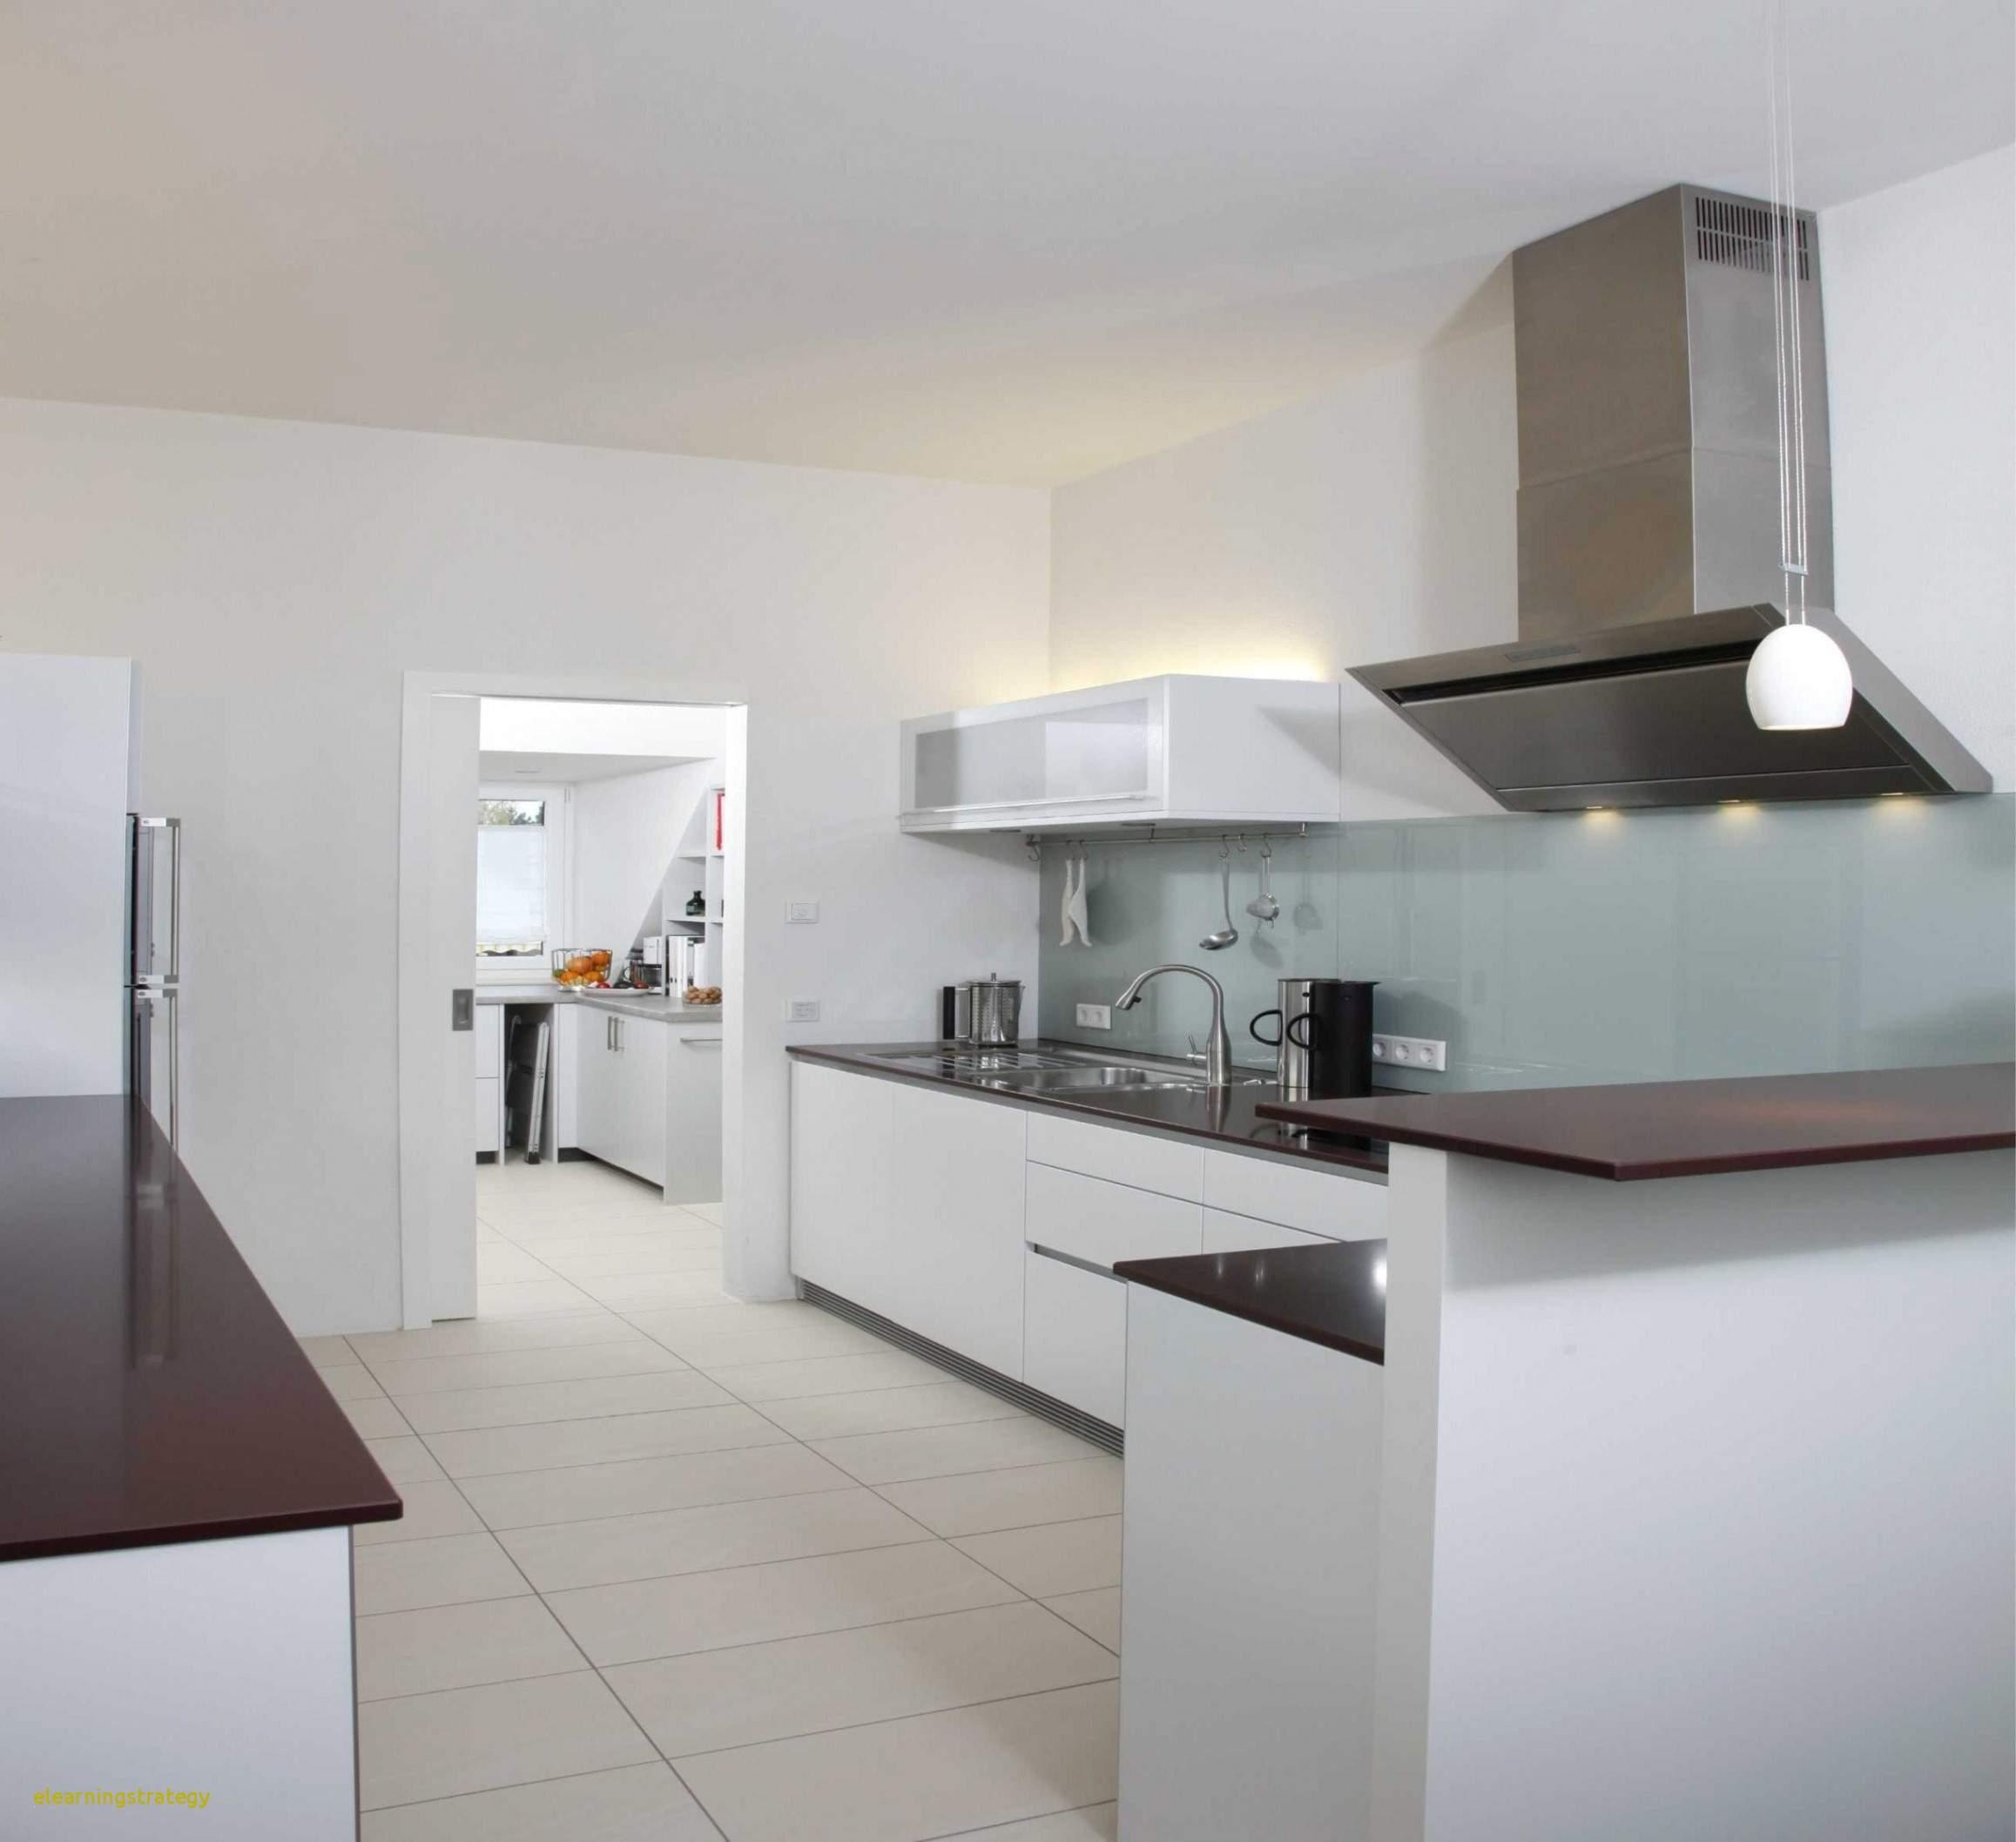 Full Size of Küche Aufbewahrung Hängend Küche Aufbewahrung Schrank Ikea Hacks Küche Aufbewahrung Küche Aufbewahrung Edelstahl Küche Küche Aufbewahrung